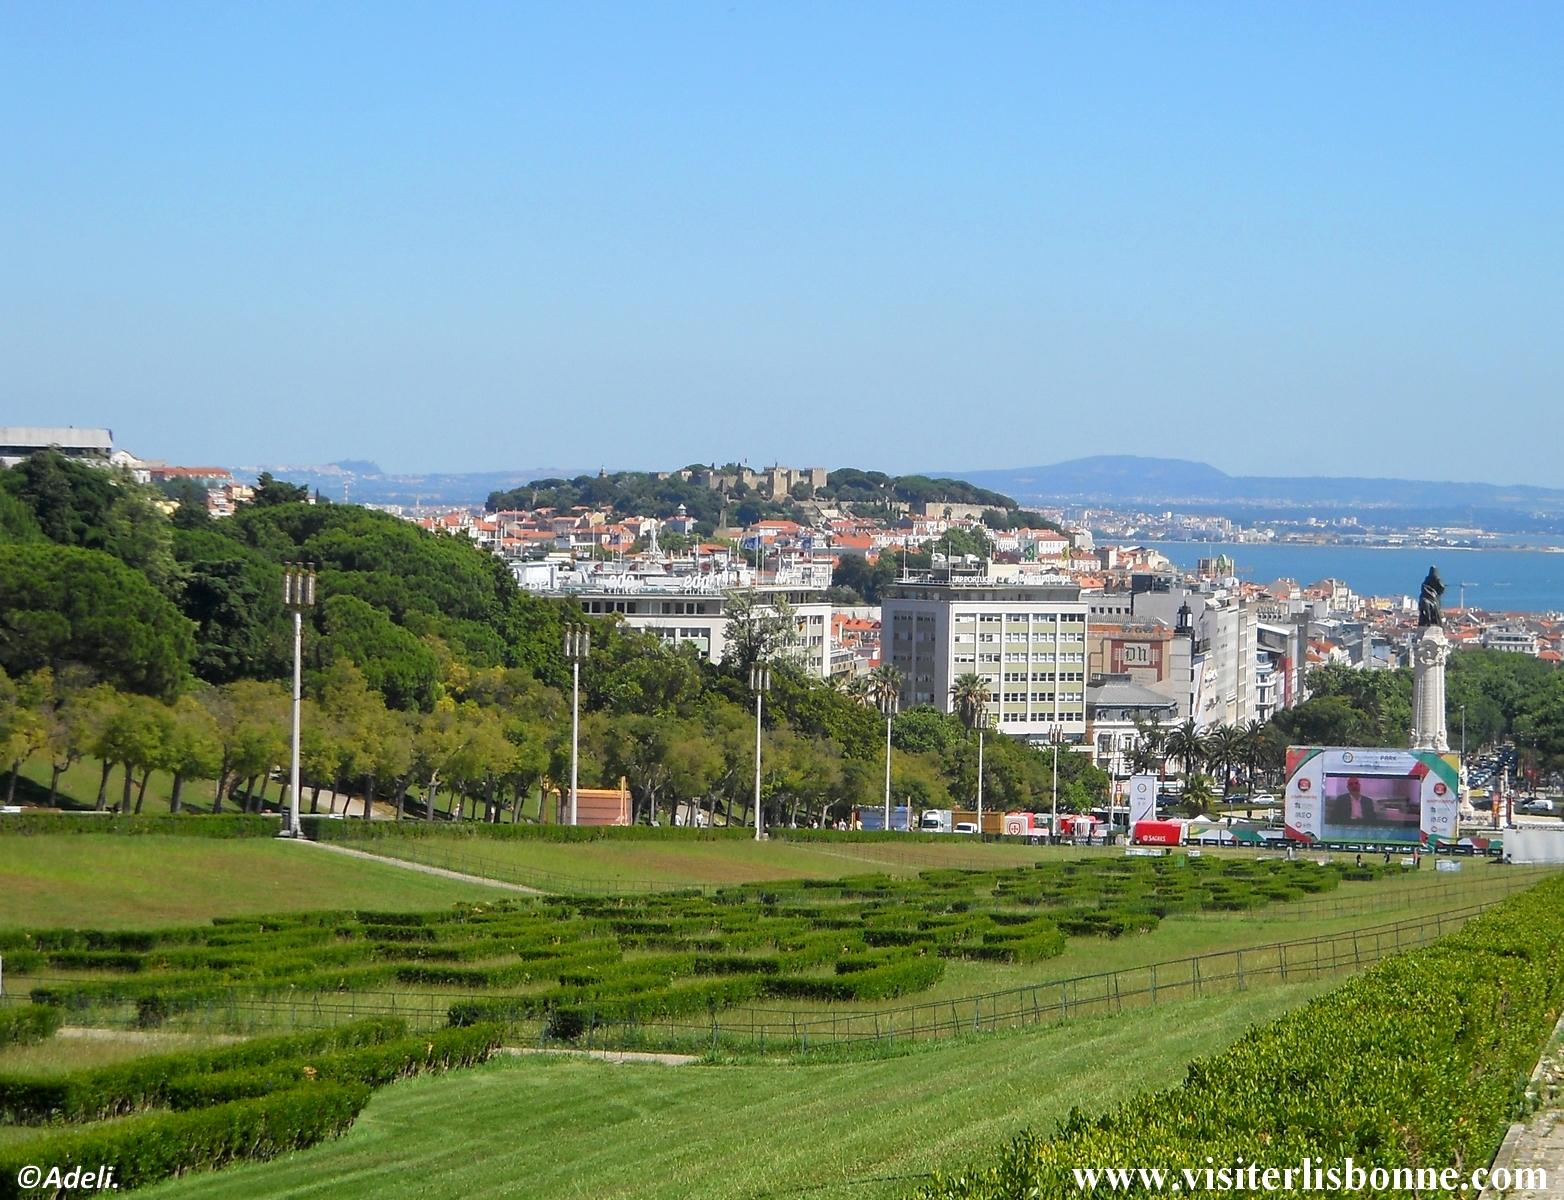 Parc Eduardo VII - Castelo de Sao Jorge - Lisbonne